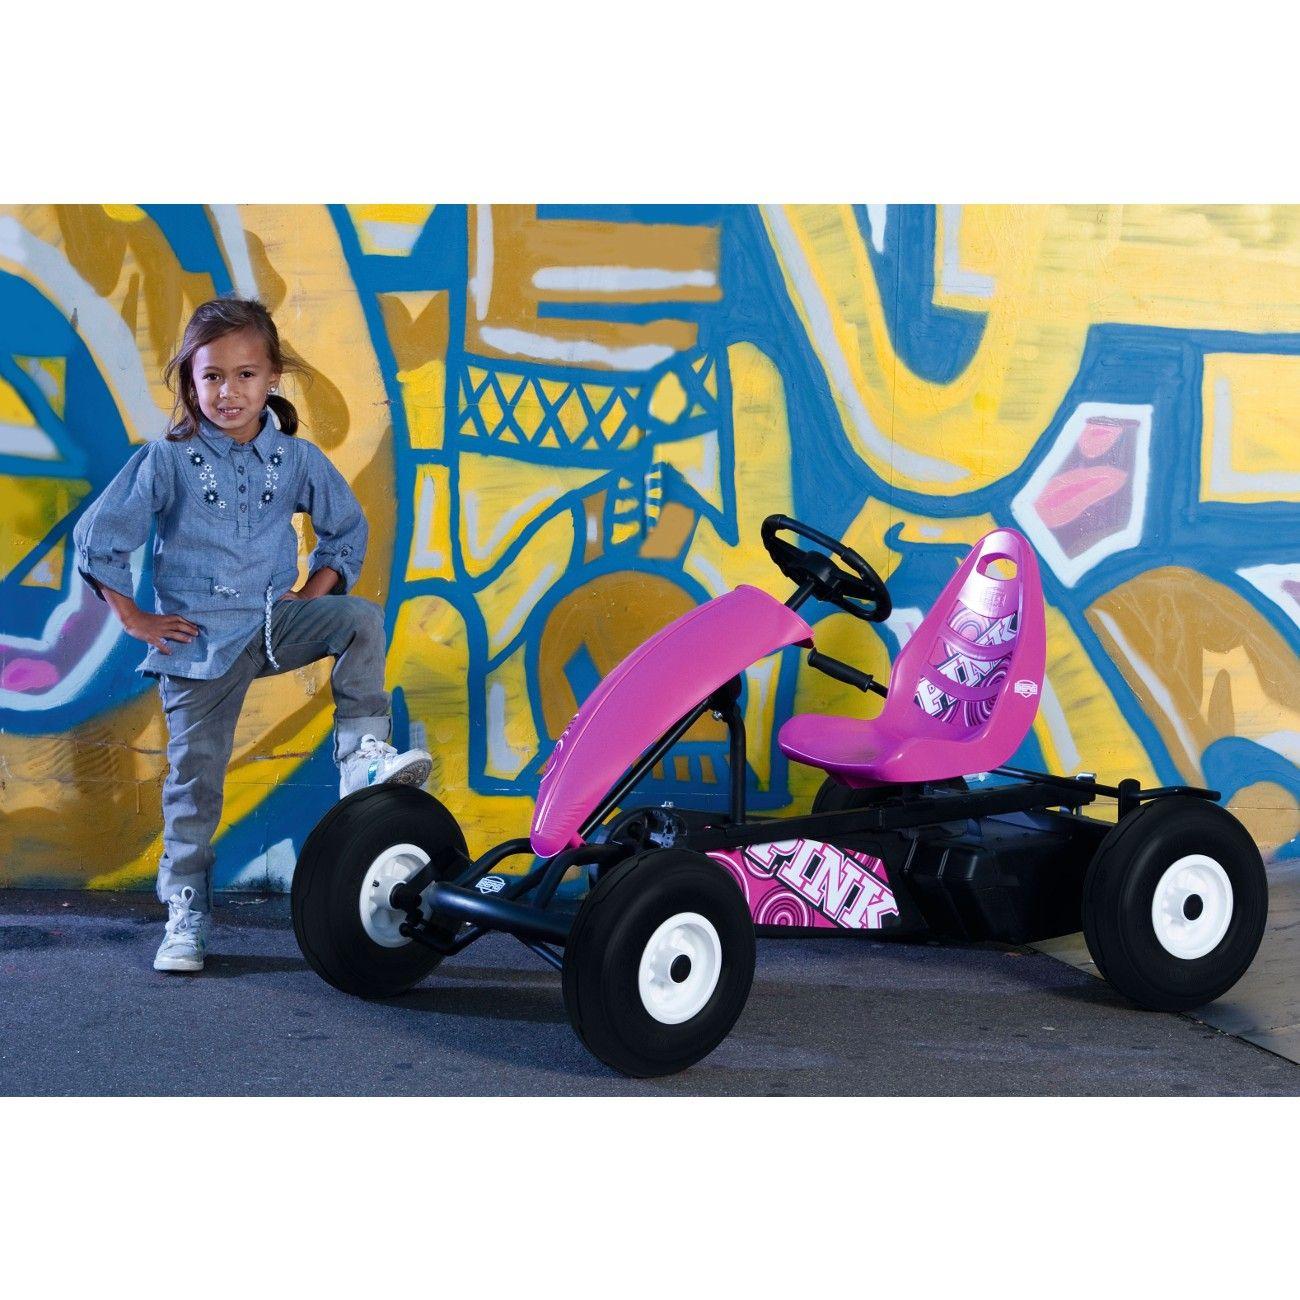 Polkuauto BERG Compact Pink - Polkuautot ja varusteet - Polkuautot - Acon.fi